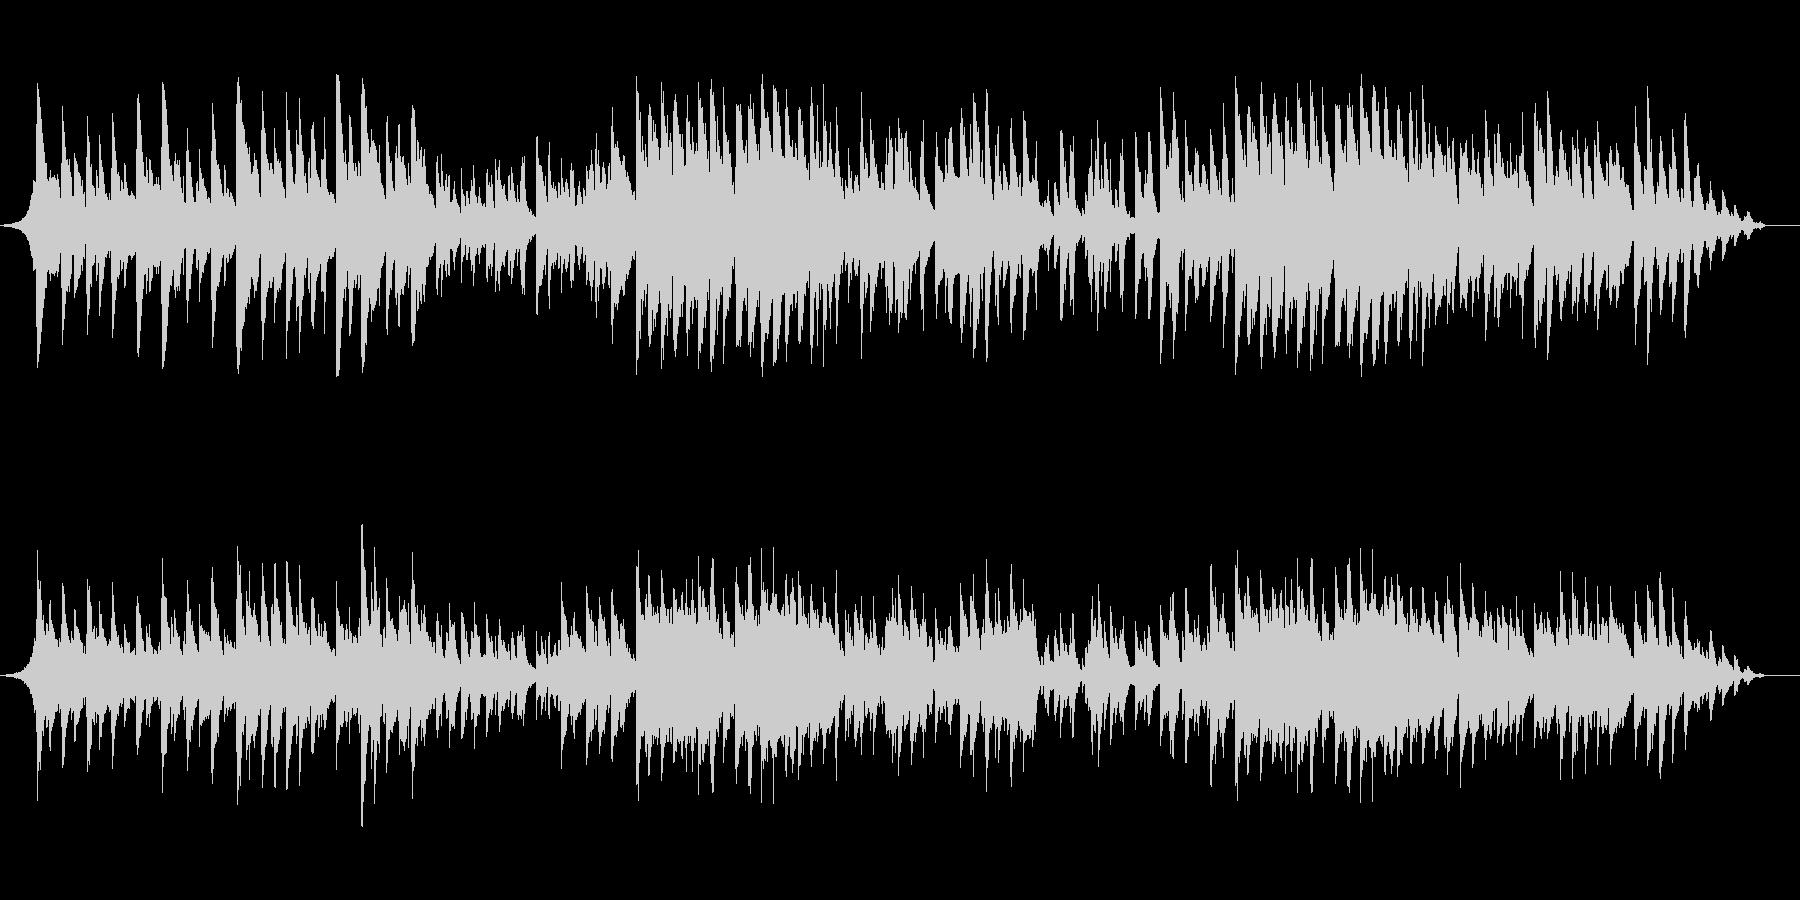 ピアノ弾き語り系で爽やかな曲の未再生の波形